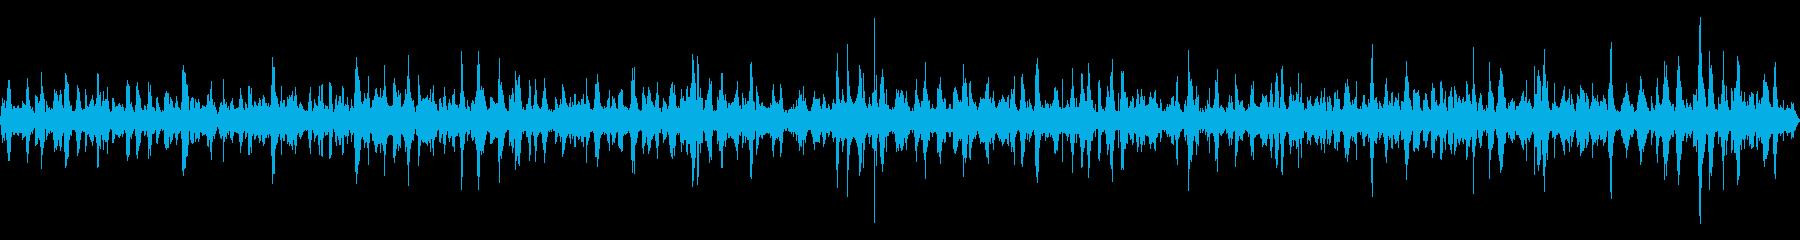 【自然音】穏やかな波 波打ち際 _3の再生済みの波形